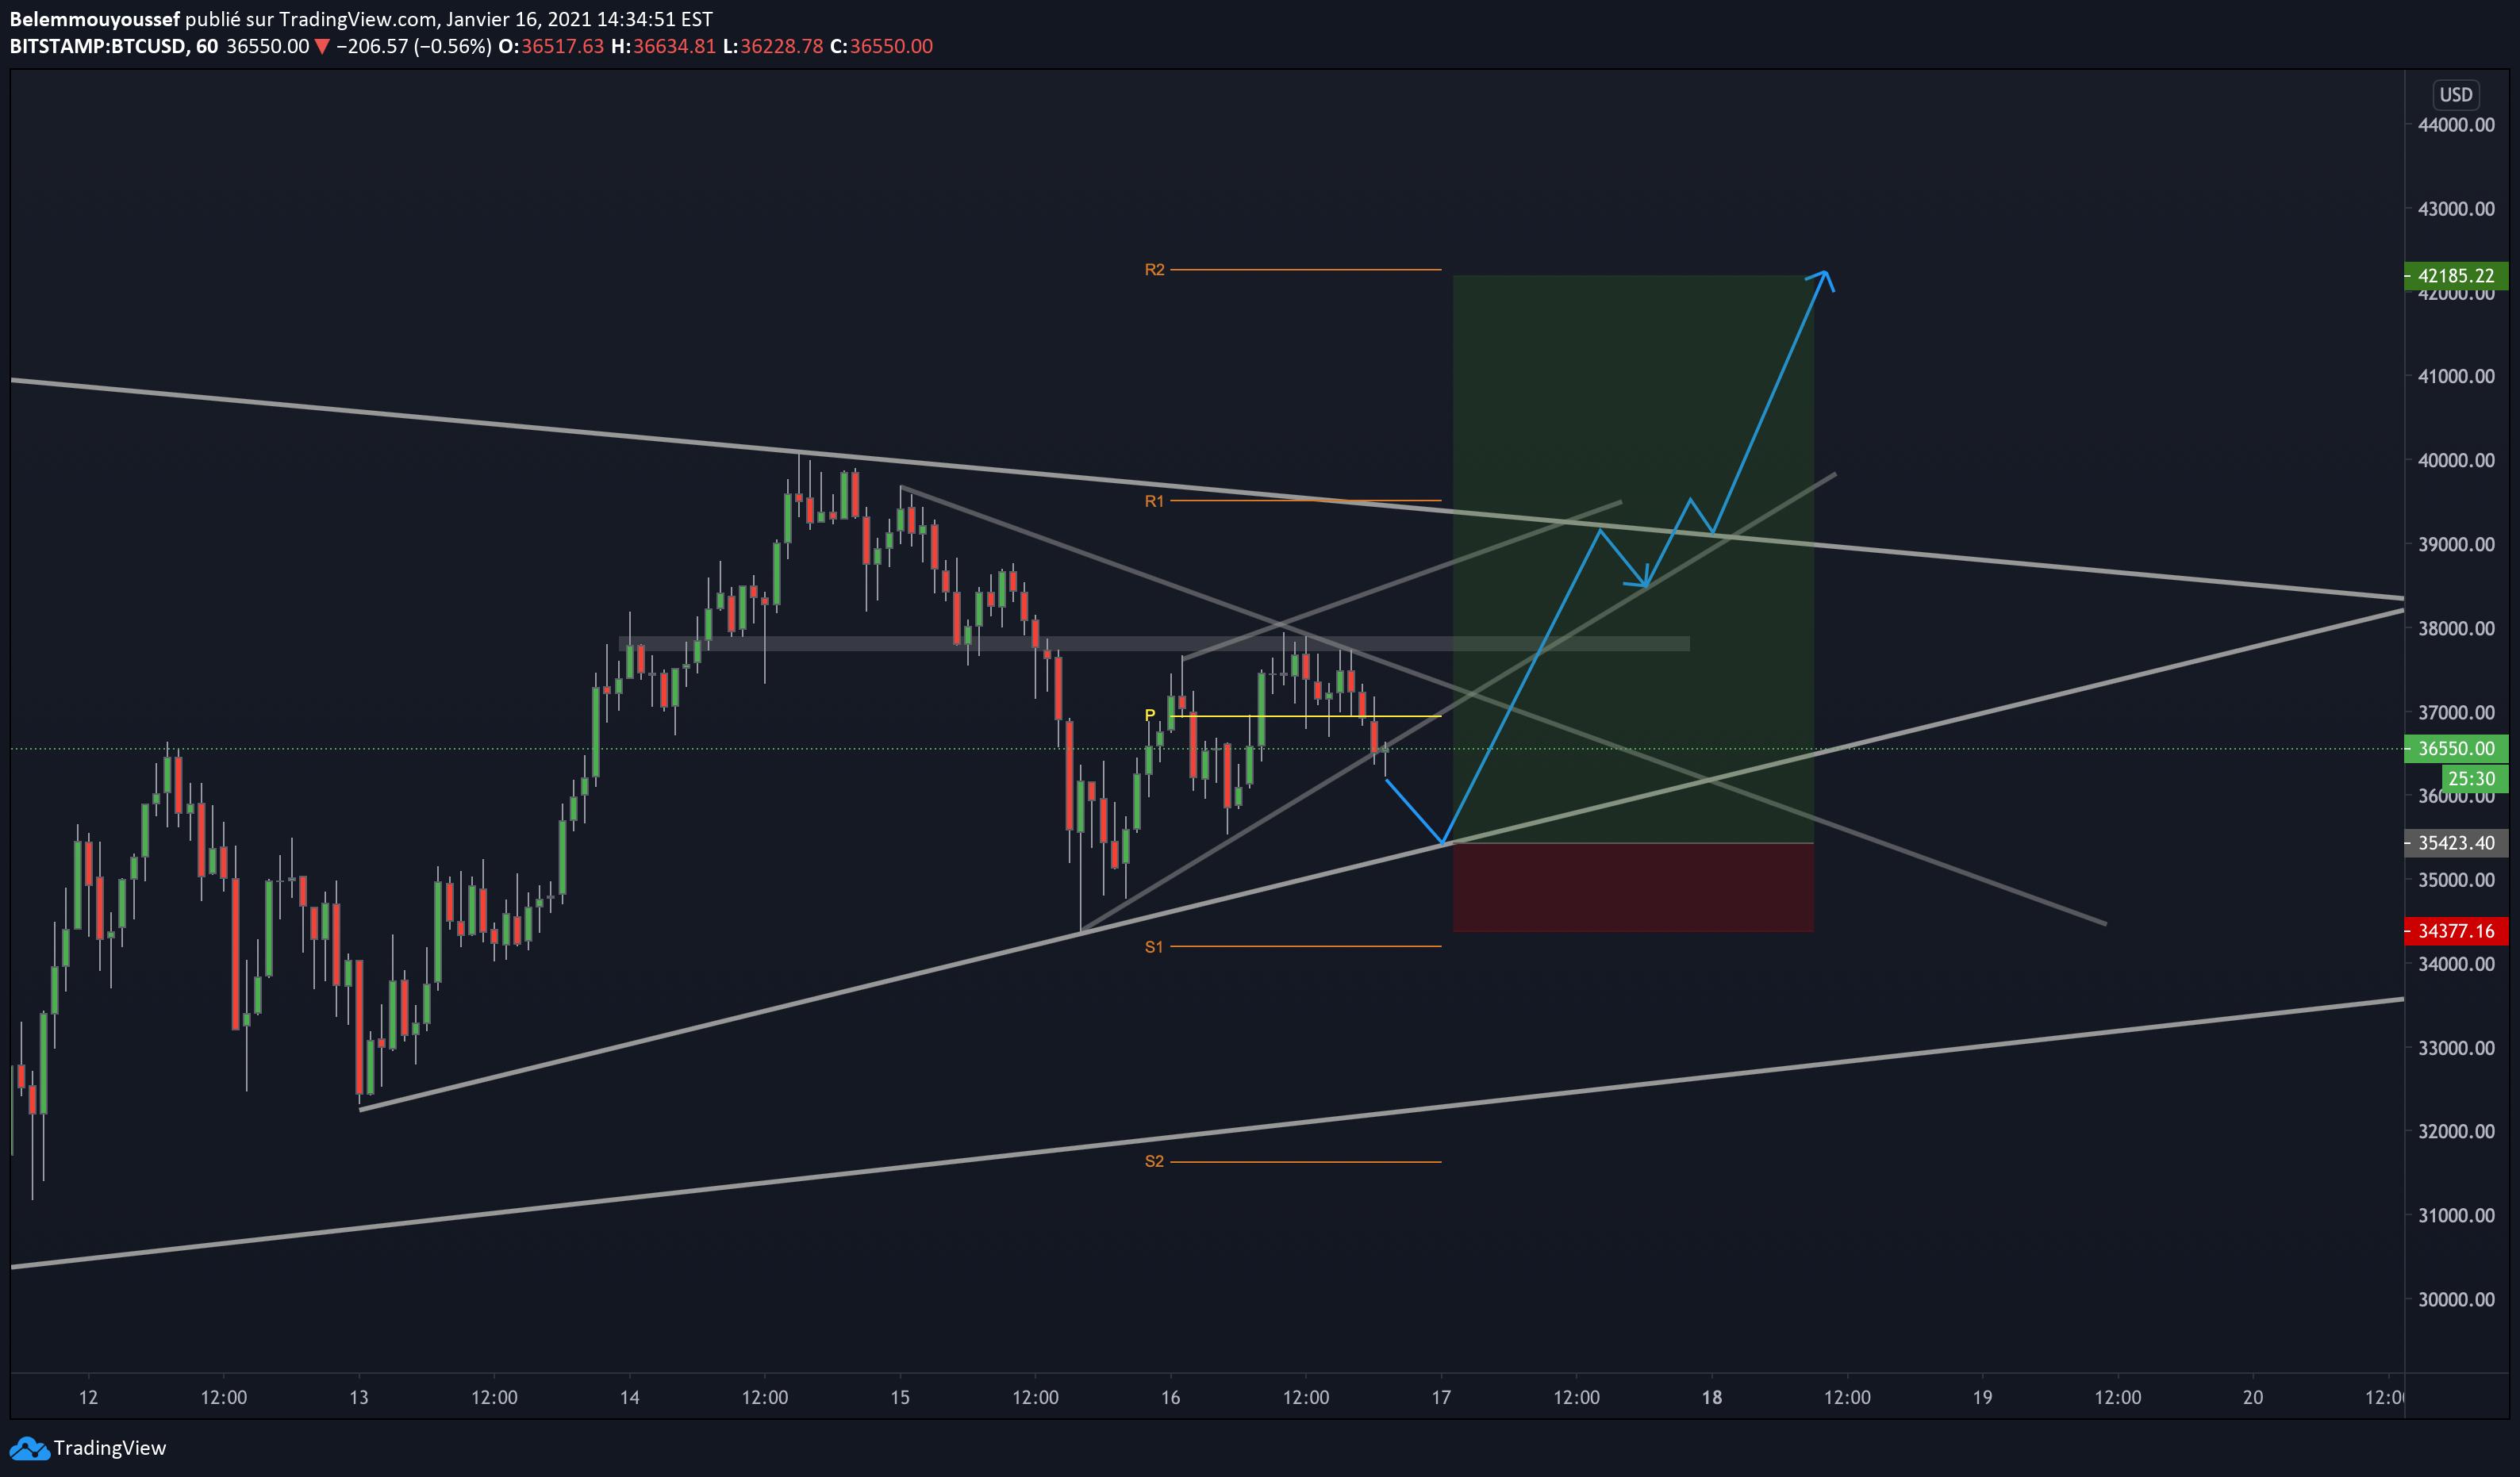 btc usd bitstamp tradingview bitcoin profit amancio ortega